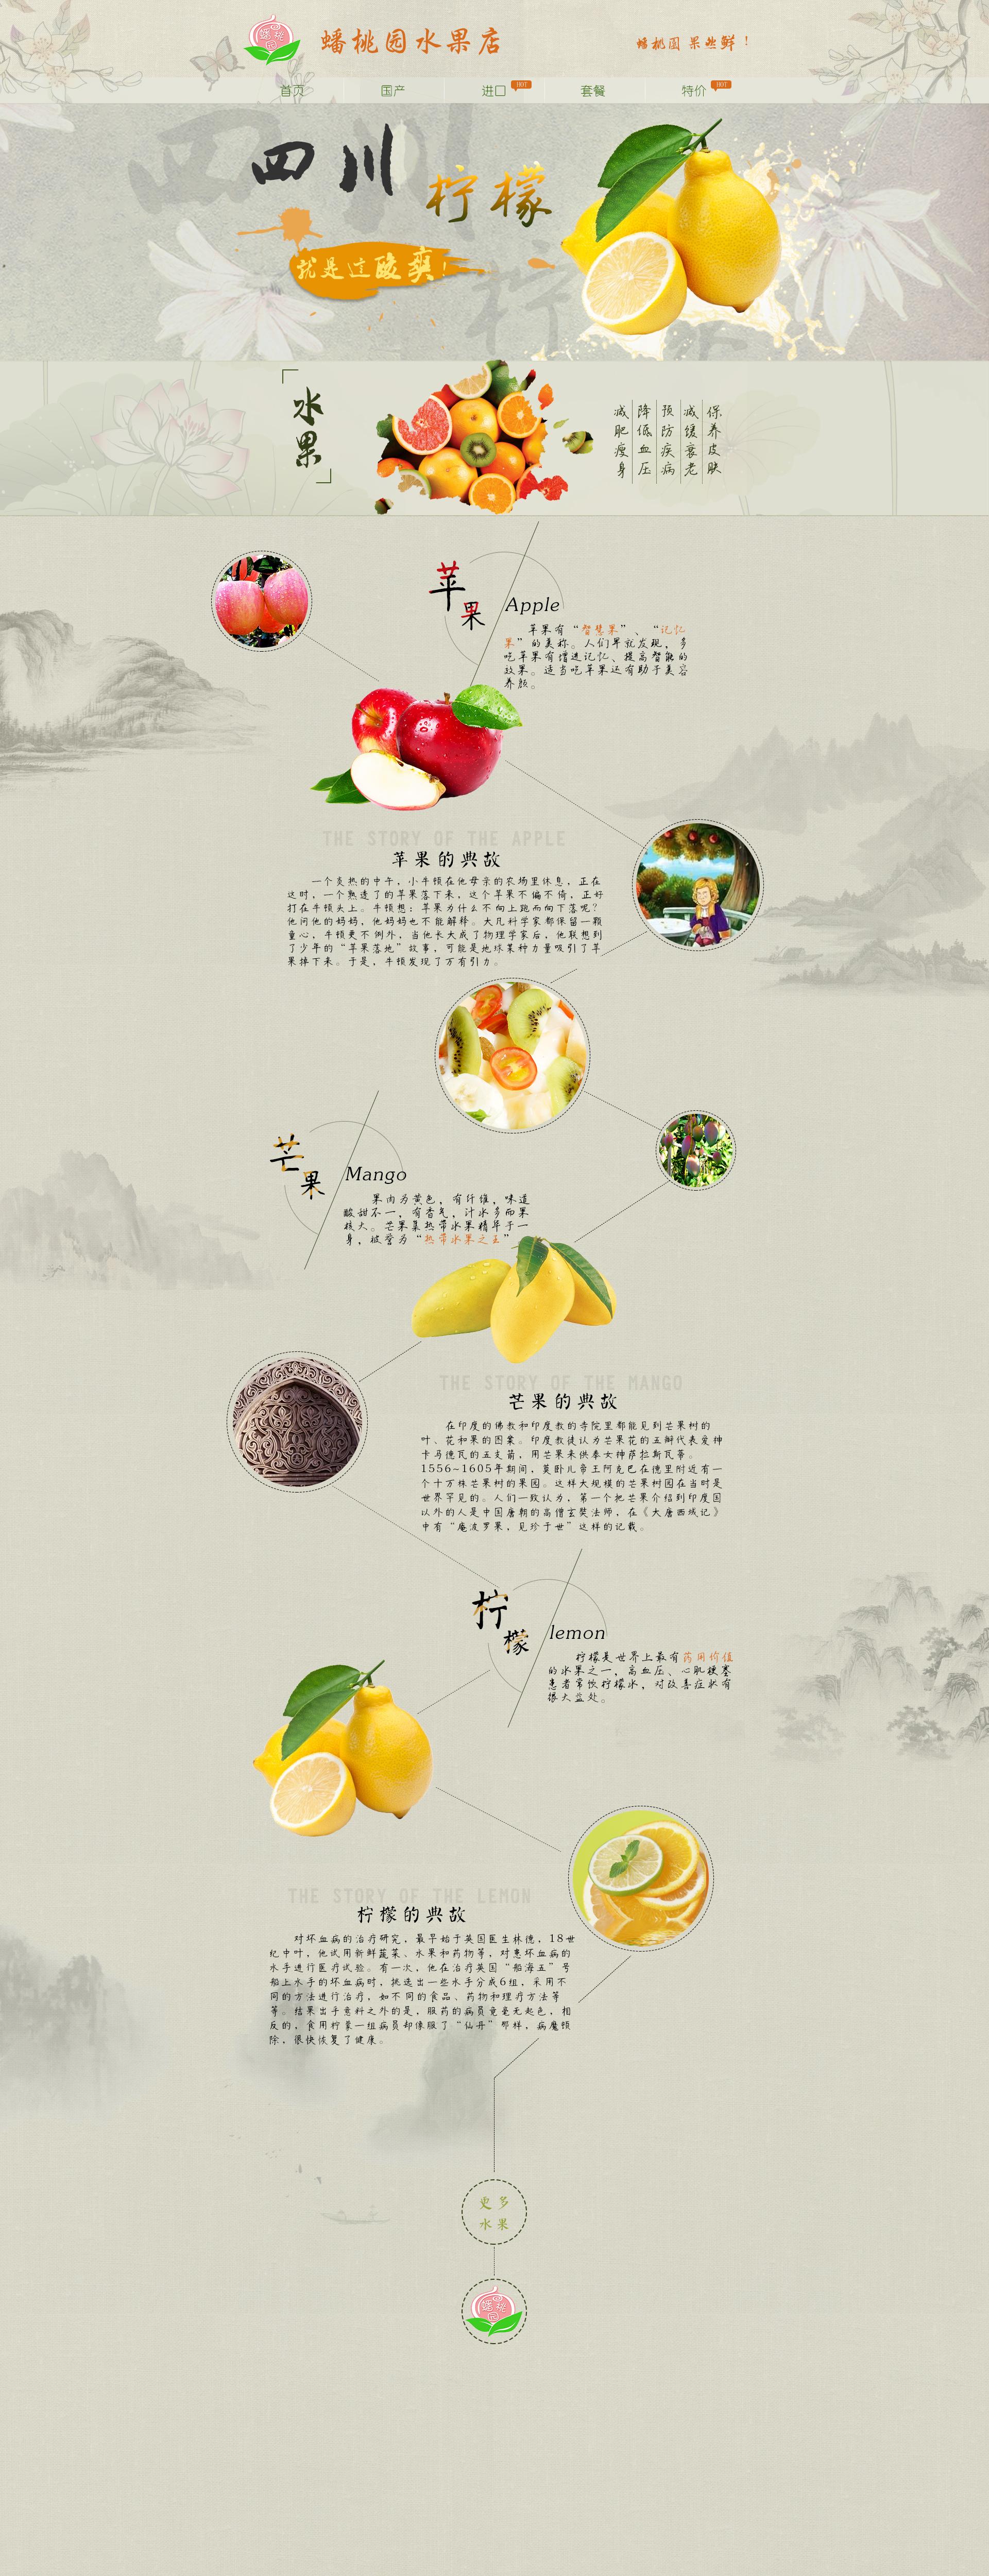 水果界面网页设计图片